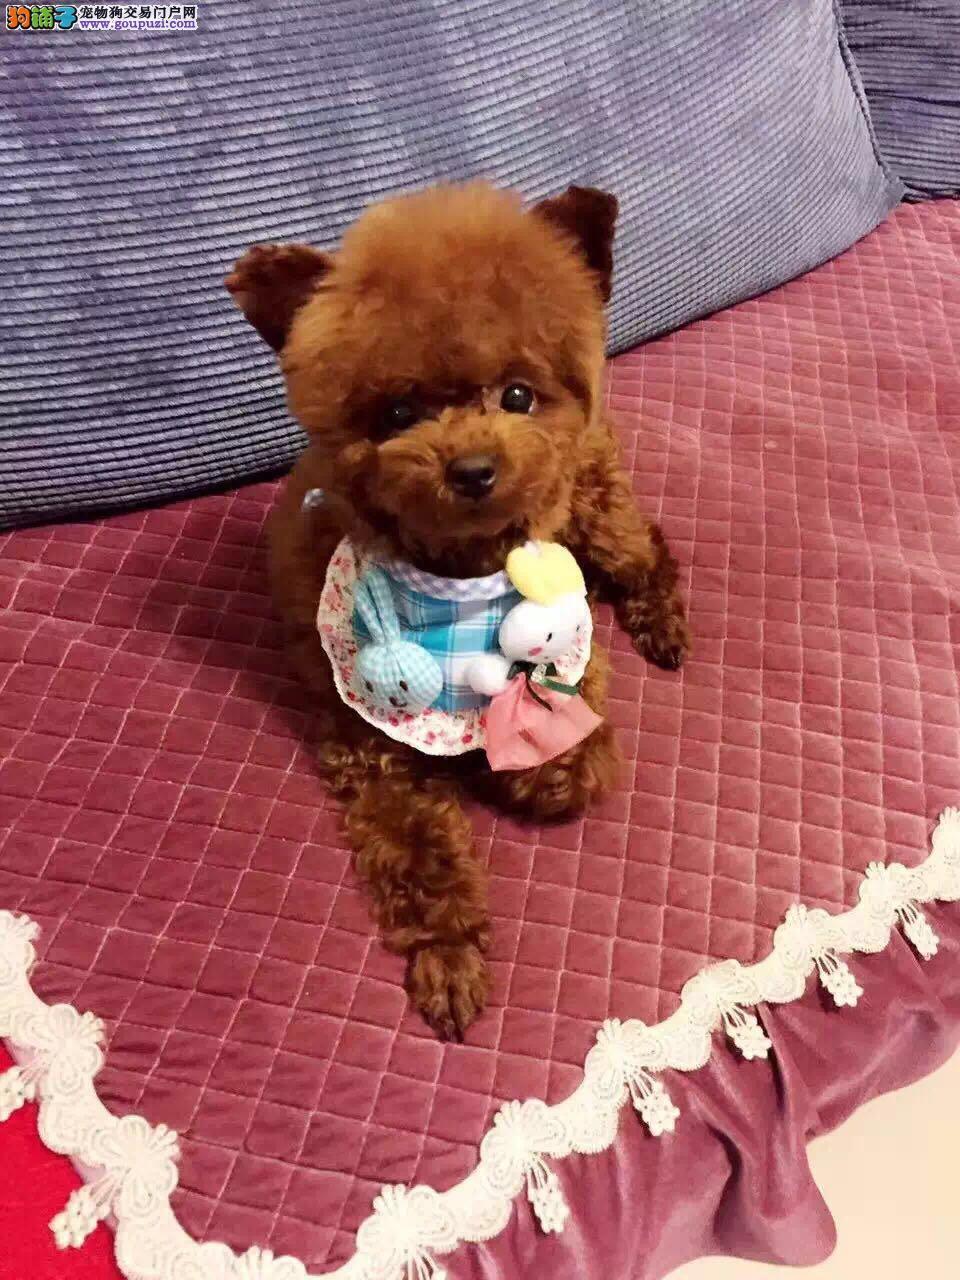 纯种韩系泰迪熊 茶杯、玩具 可爱至极